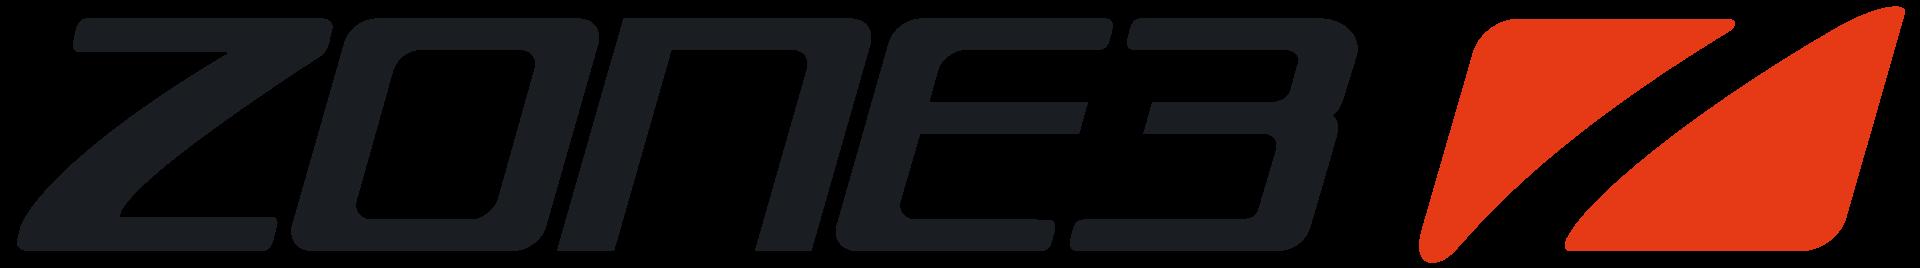 Zone3 logo